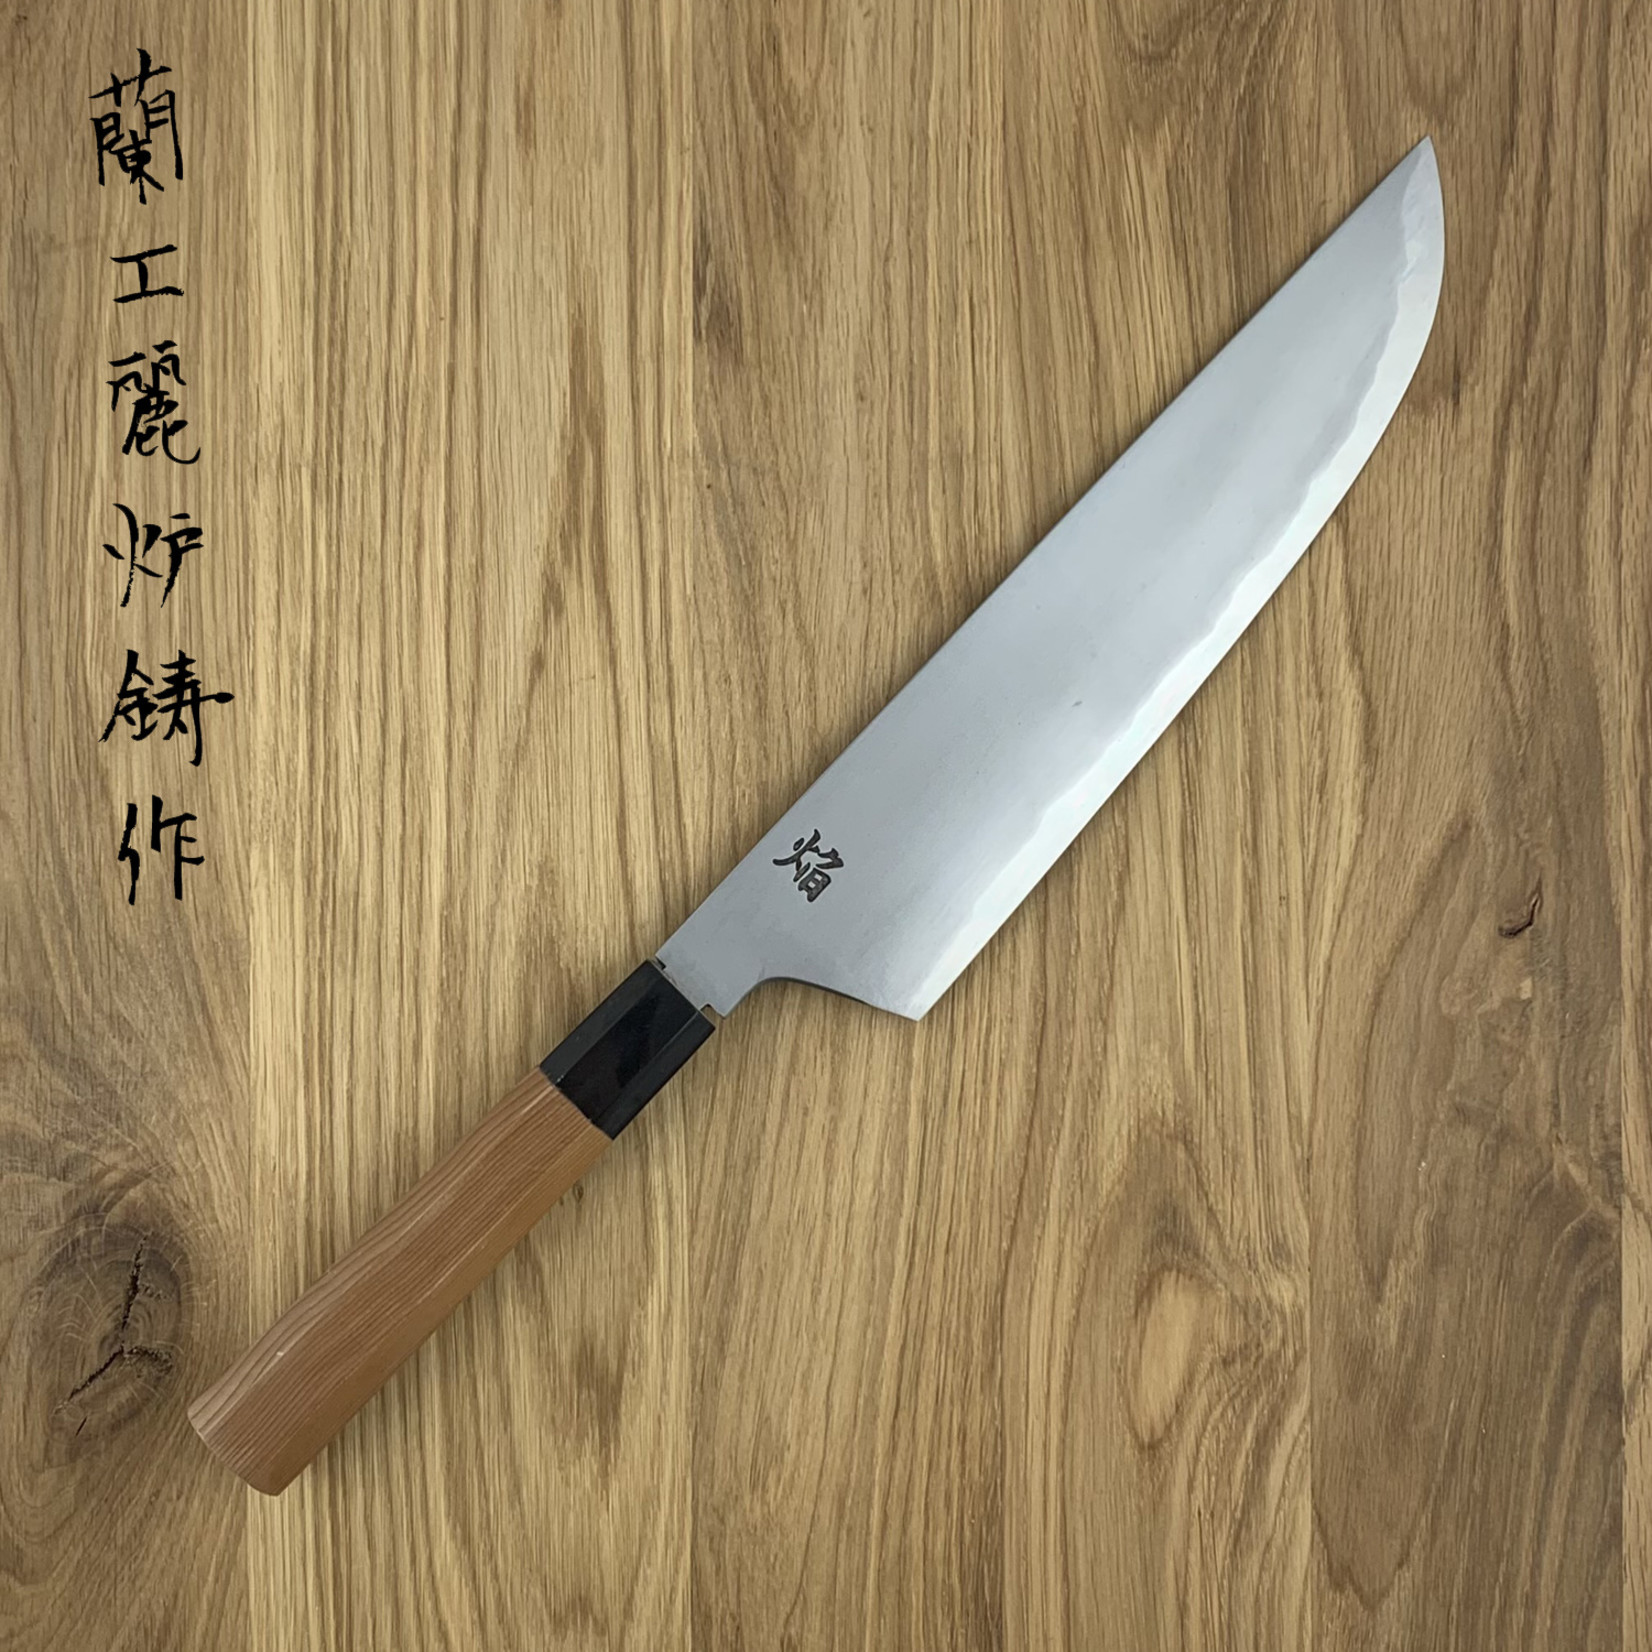 SAKAI TAKAYUKI Homura Blue #2 Zelkova Heft Gyuto 240 mm 02254